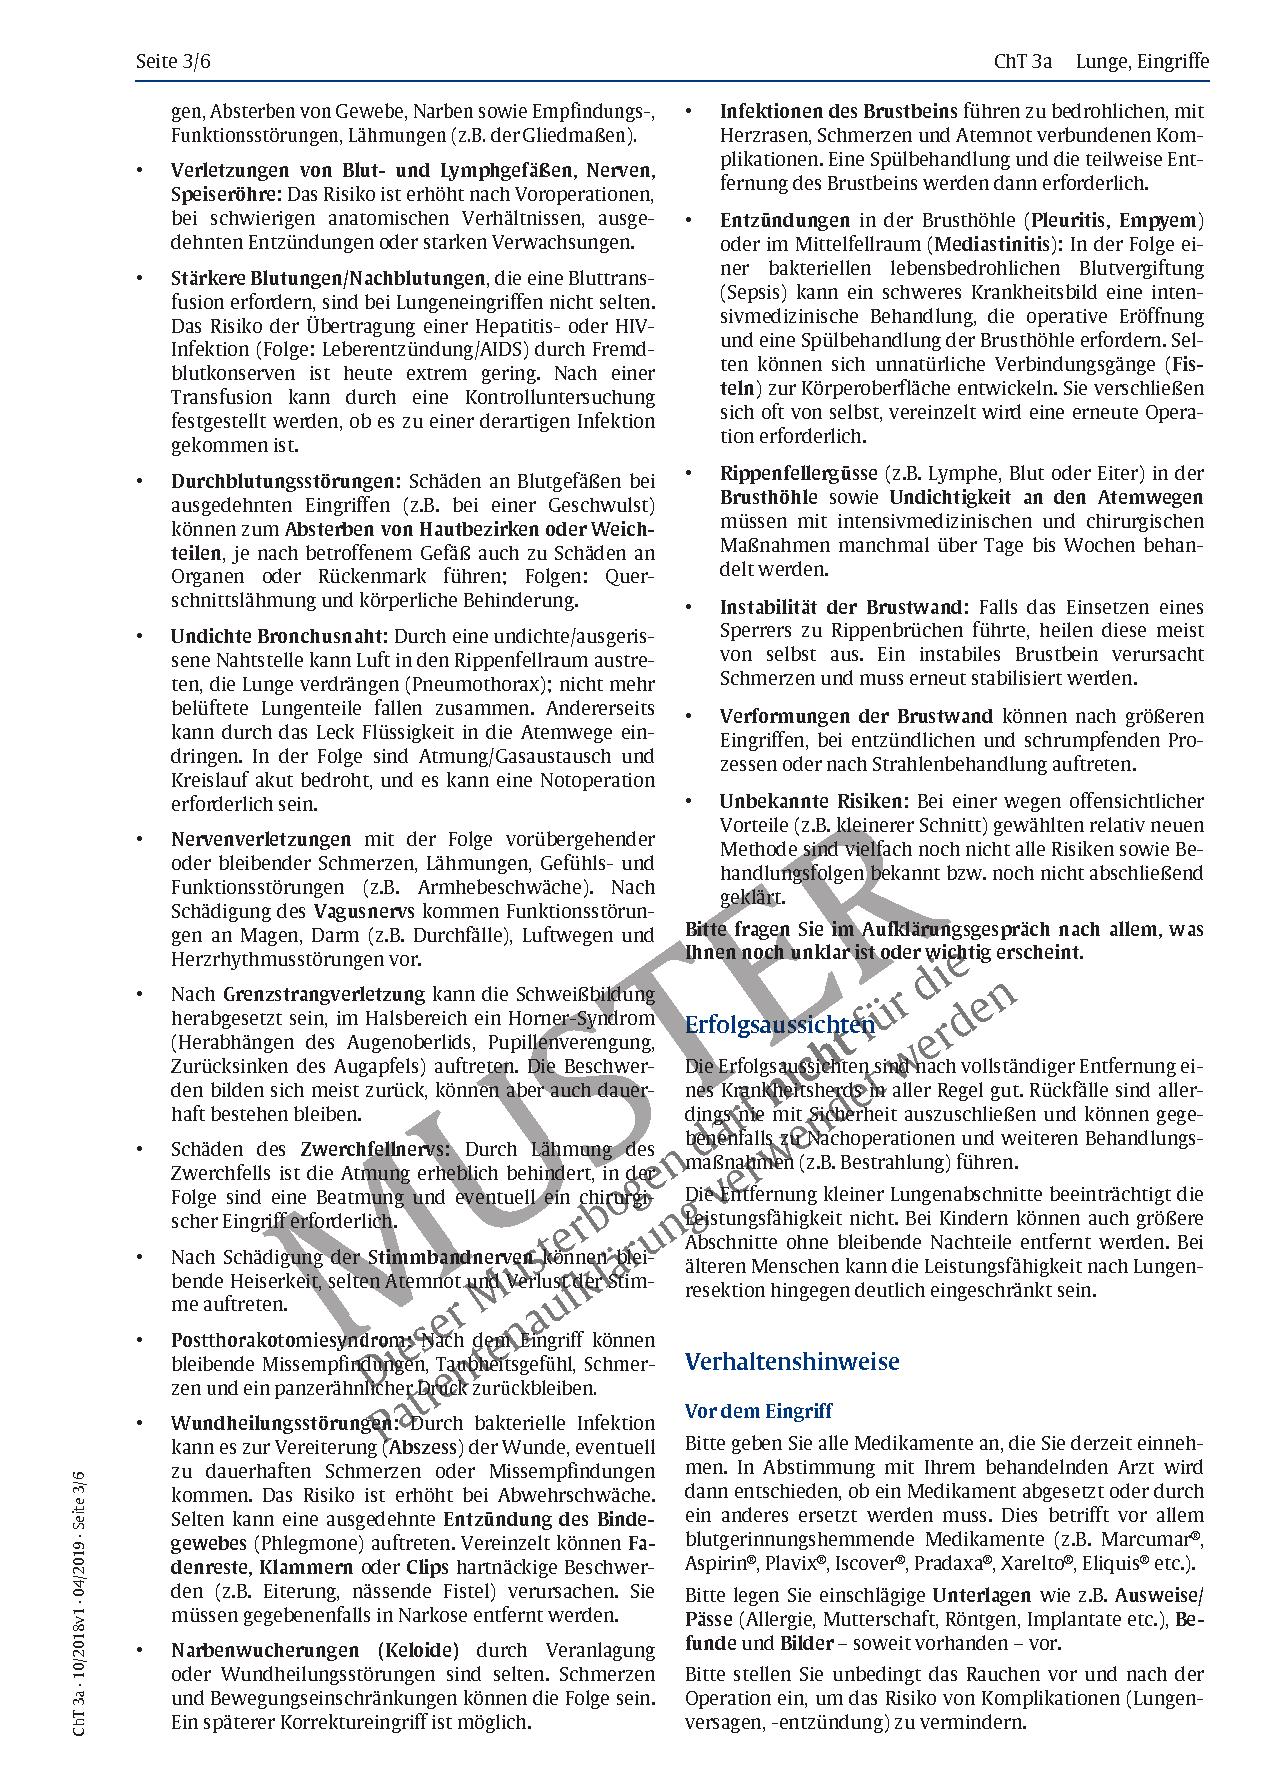 Ziemlich Brustbeins Funktion Bilder - Physiologie Von Menschlichen ...